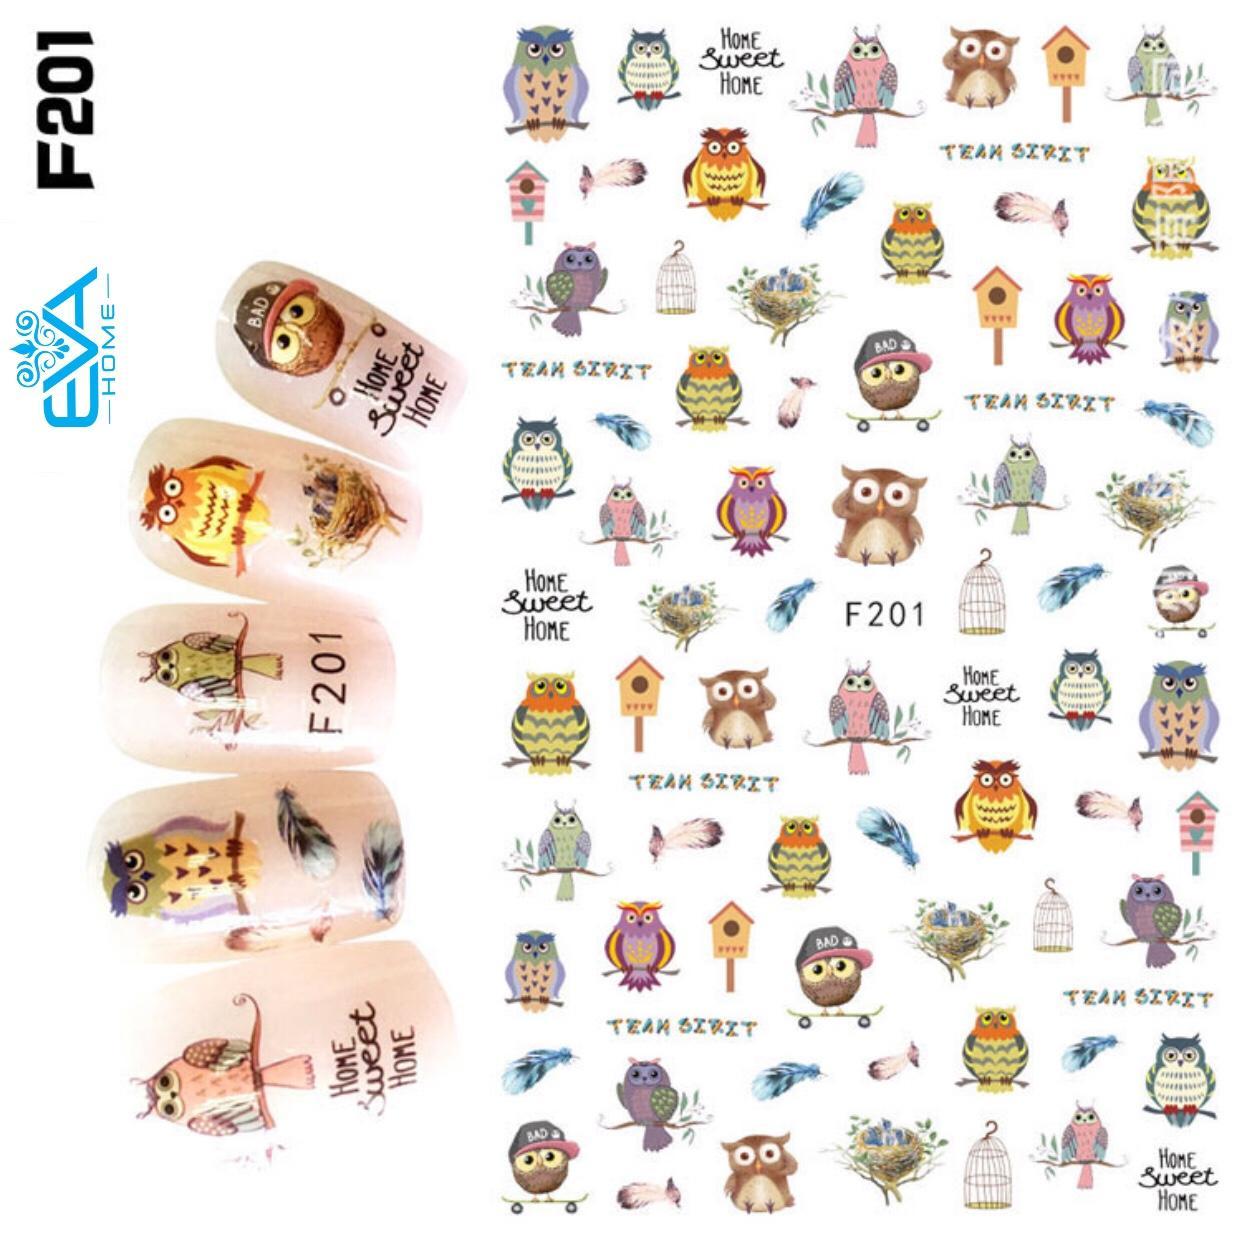 Miếng Dán Móng Tay 3D Nail Sticker Tráng Trí Hoạt Hình F201 tốt nhất